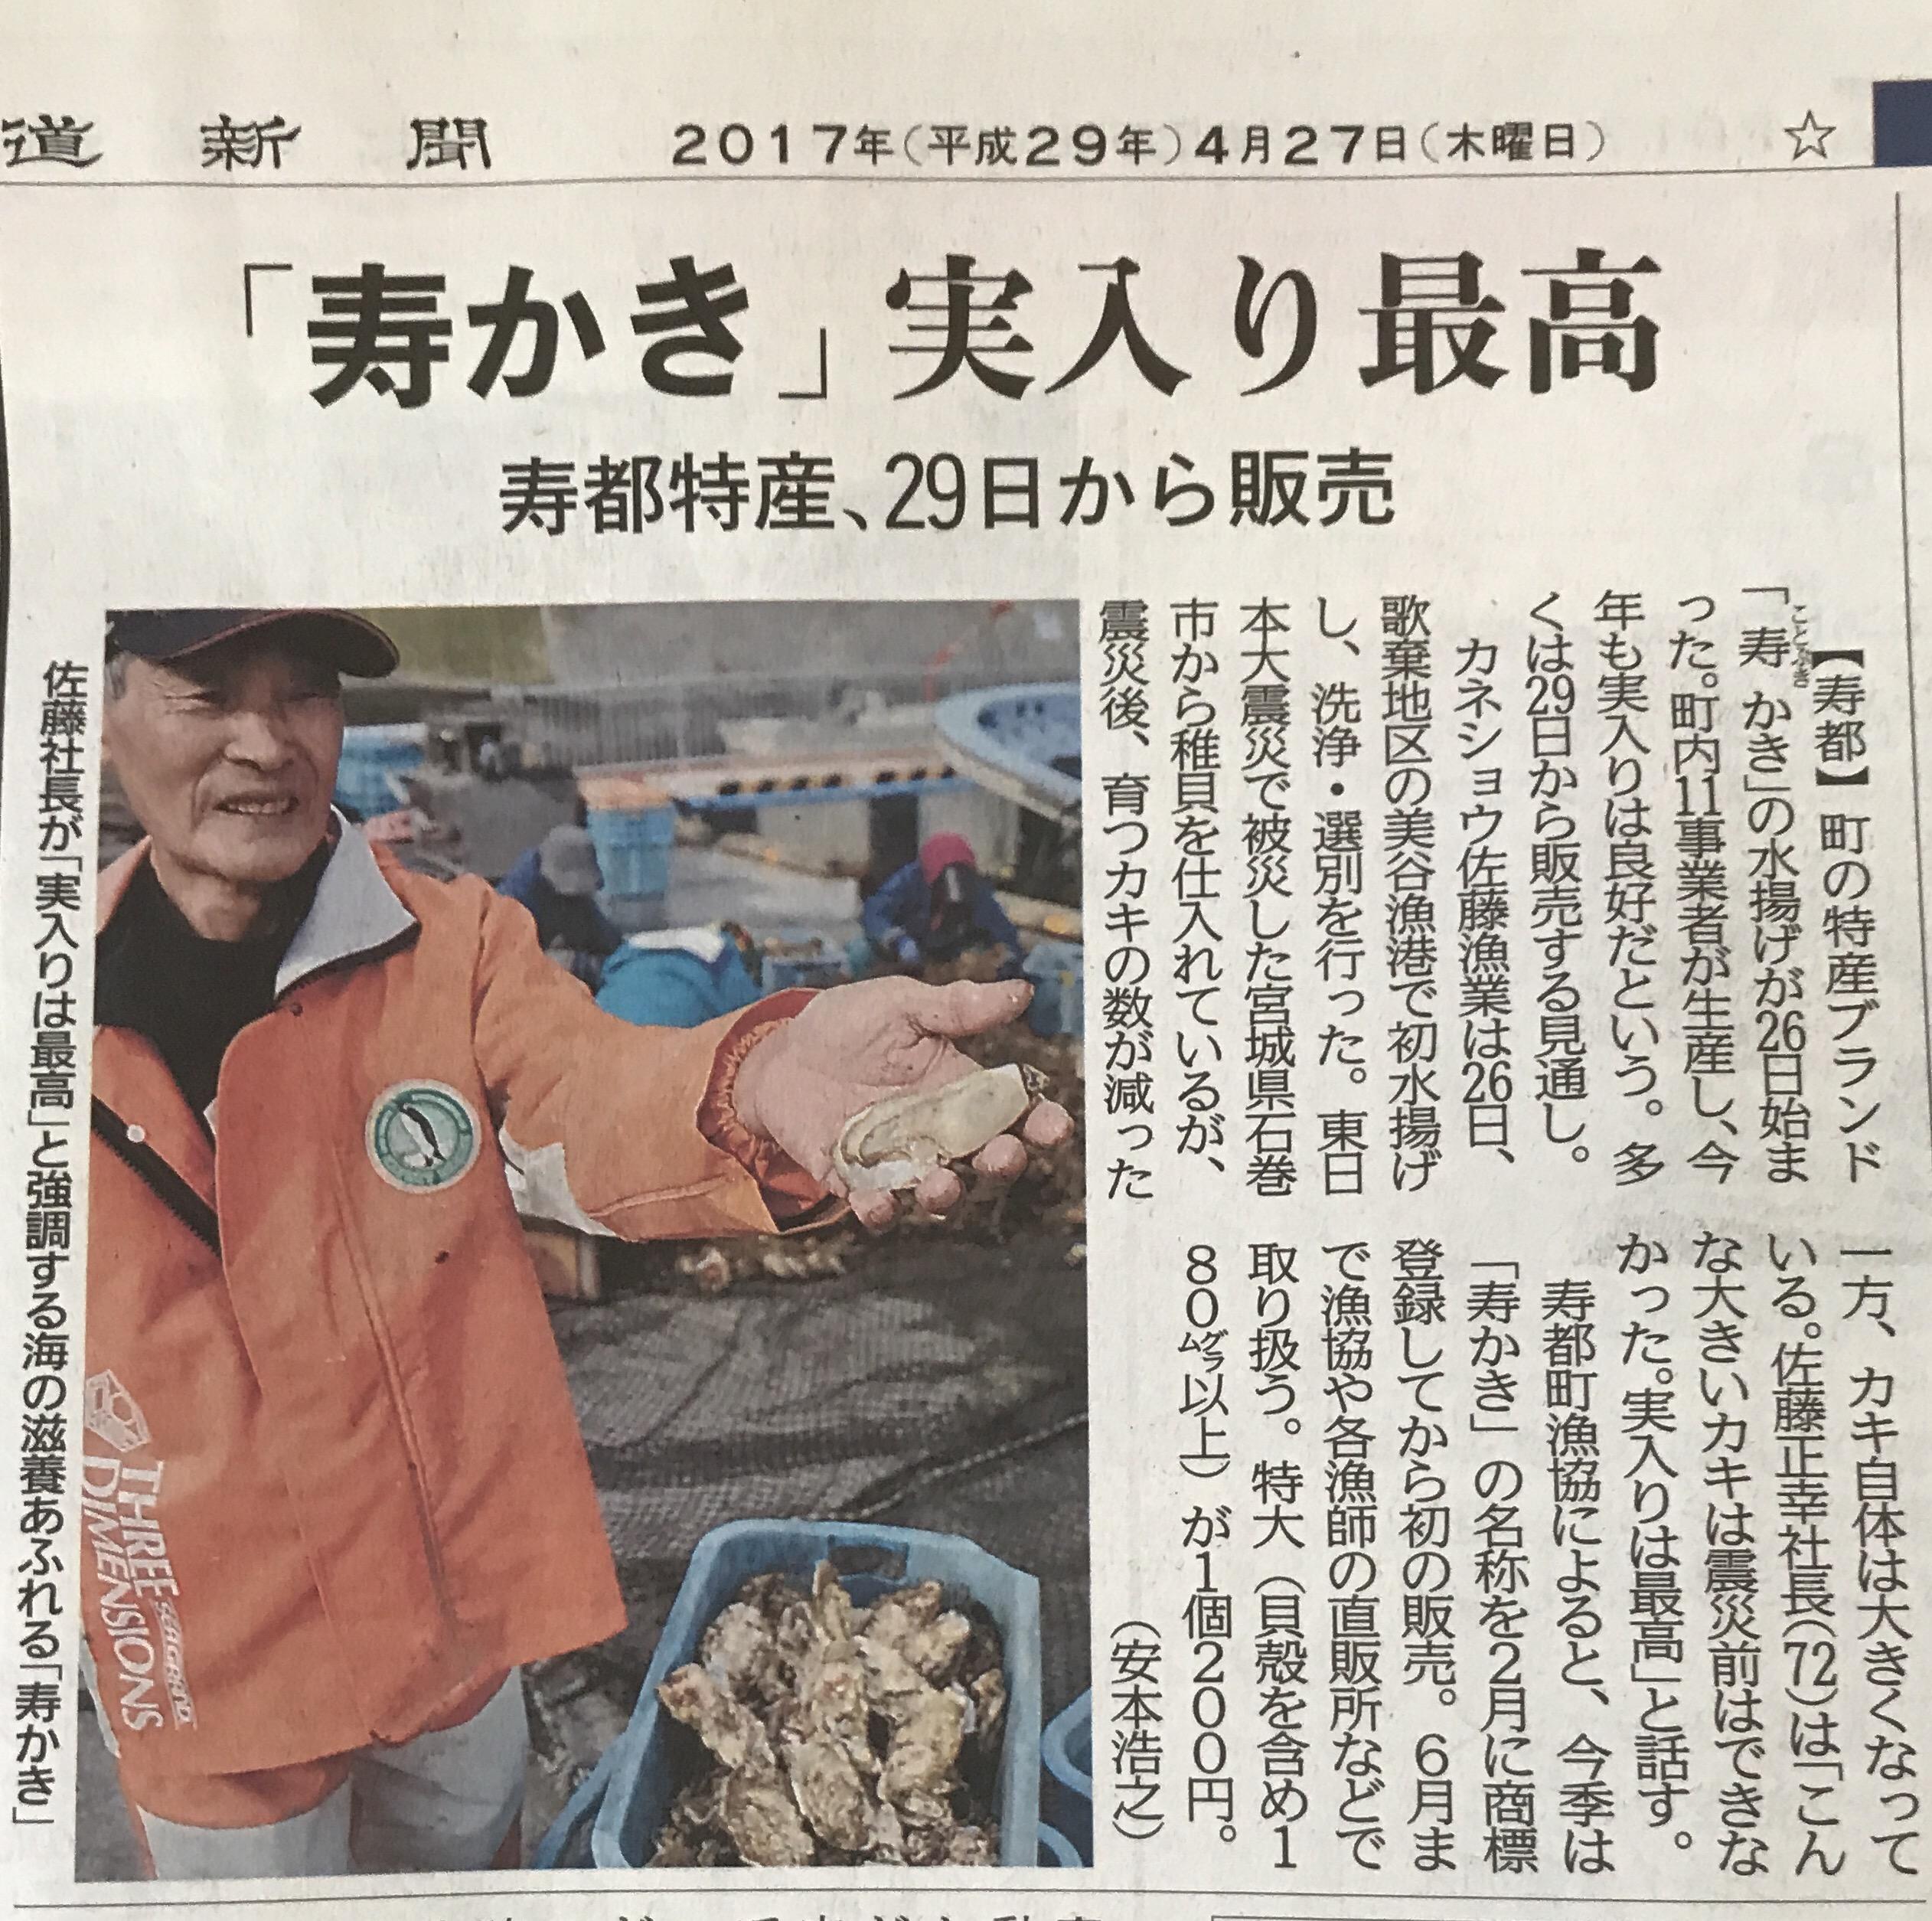 名物!寿牡蠣^_^29日から販売開始〜